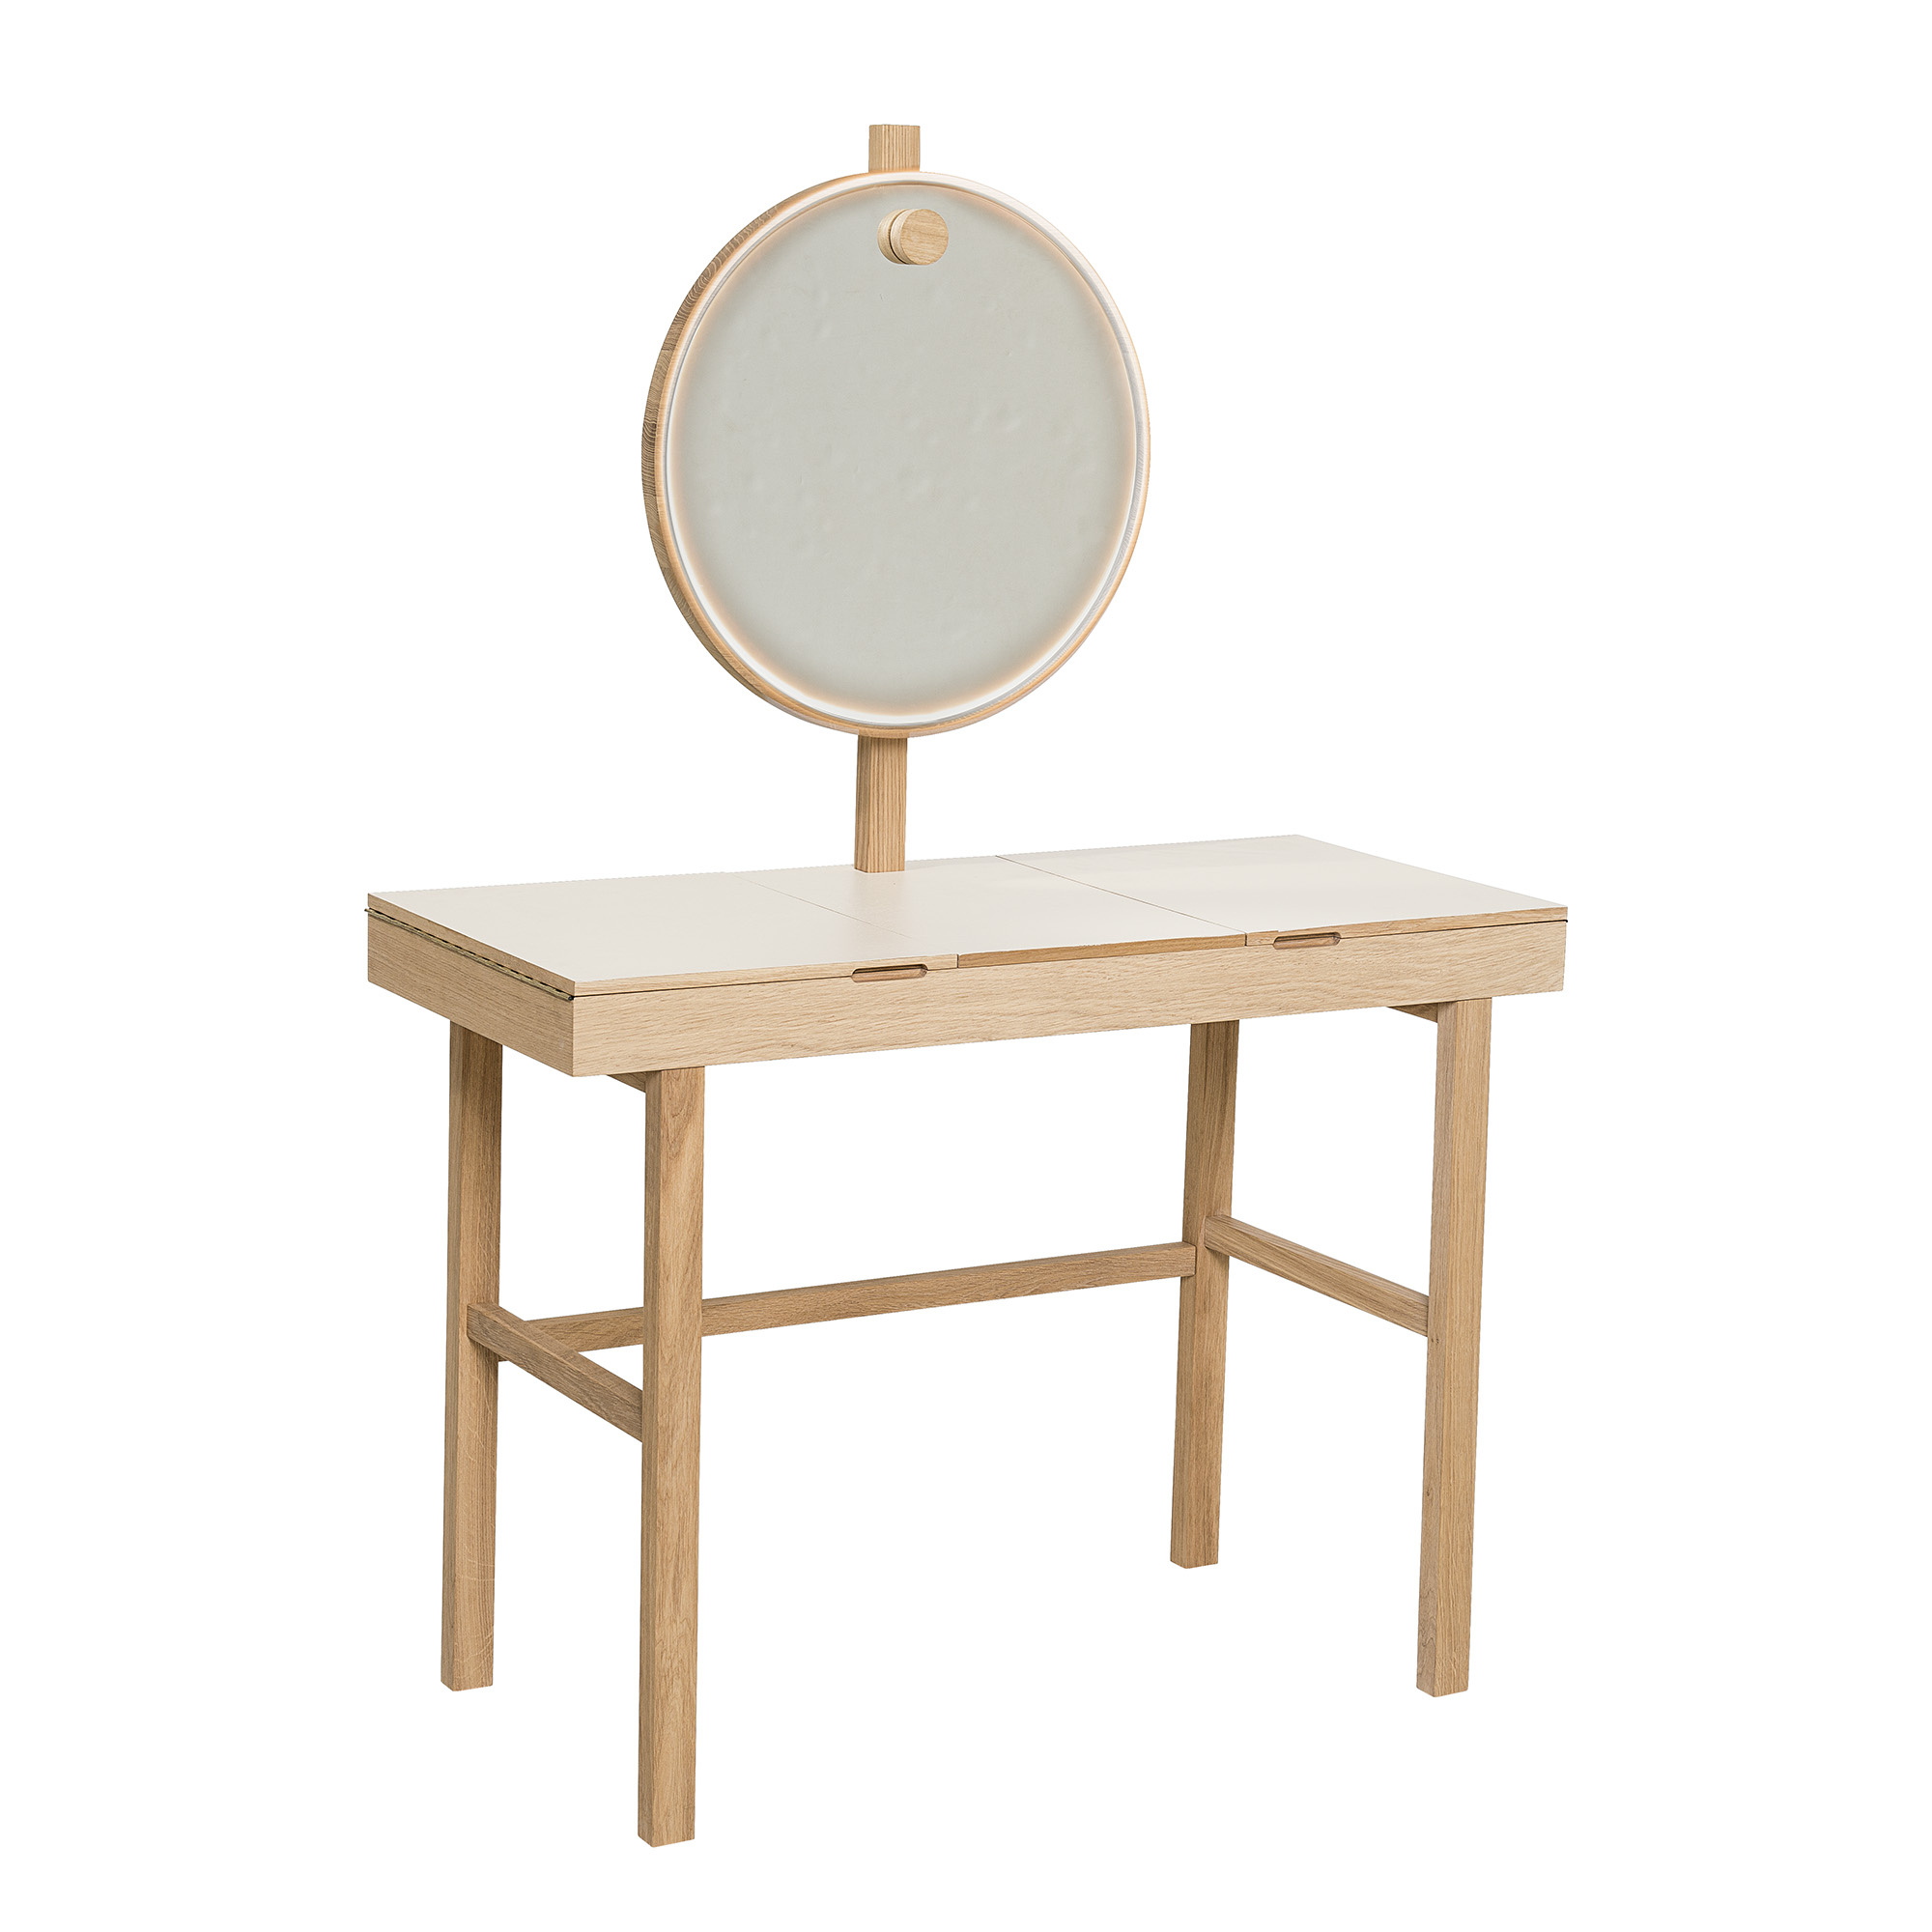 BLOOMINGVILLE Phine makeup bord - natur/hvid egetræ, m. opbevaring og spejl